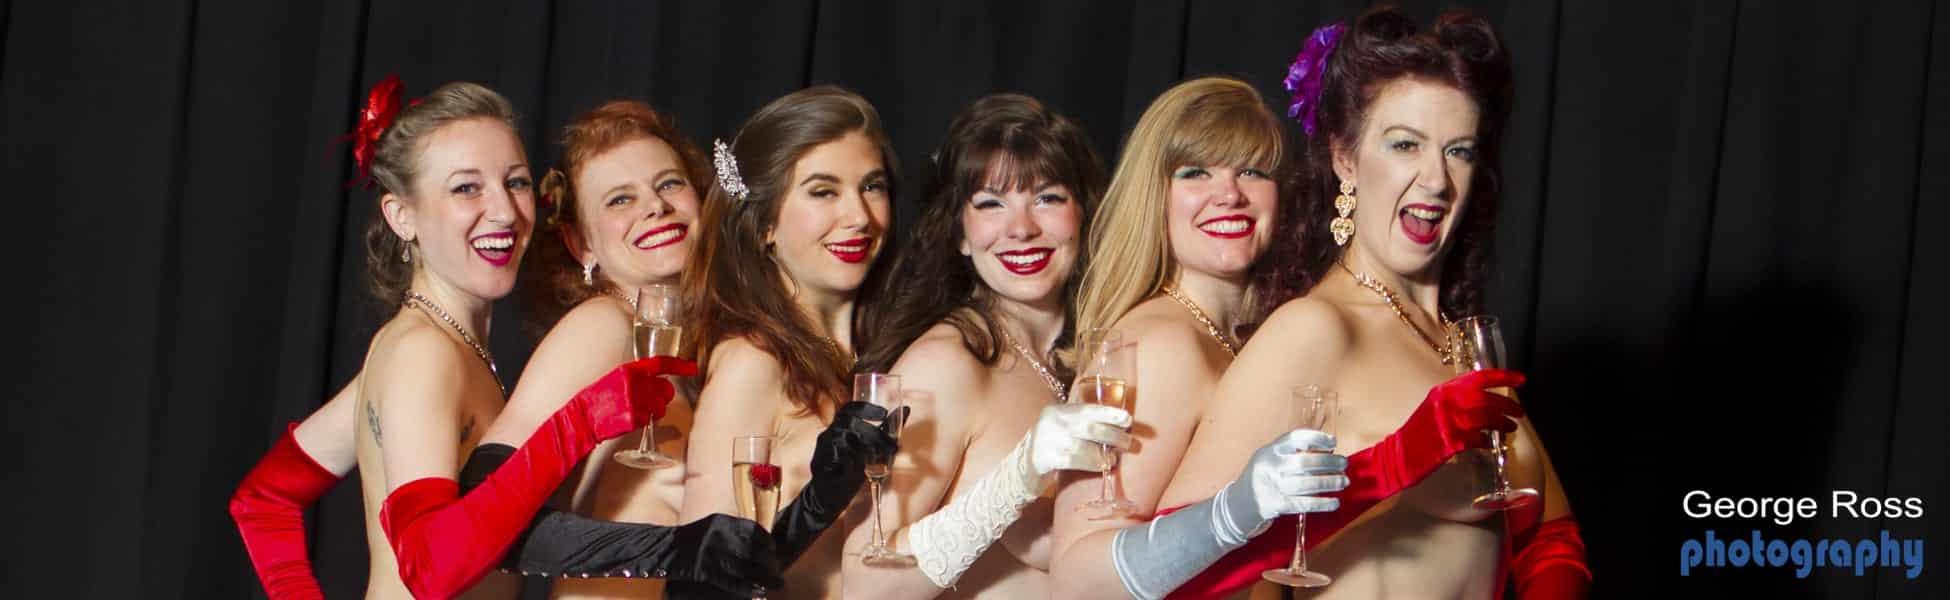 RI Burlesque Photography